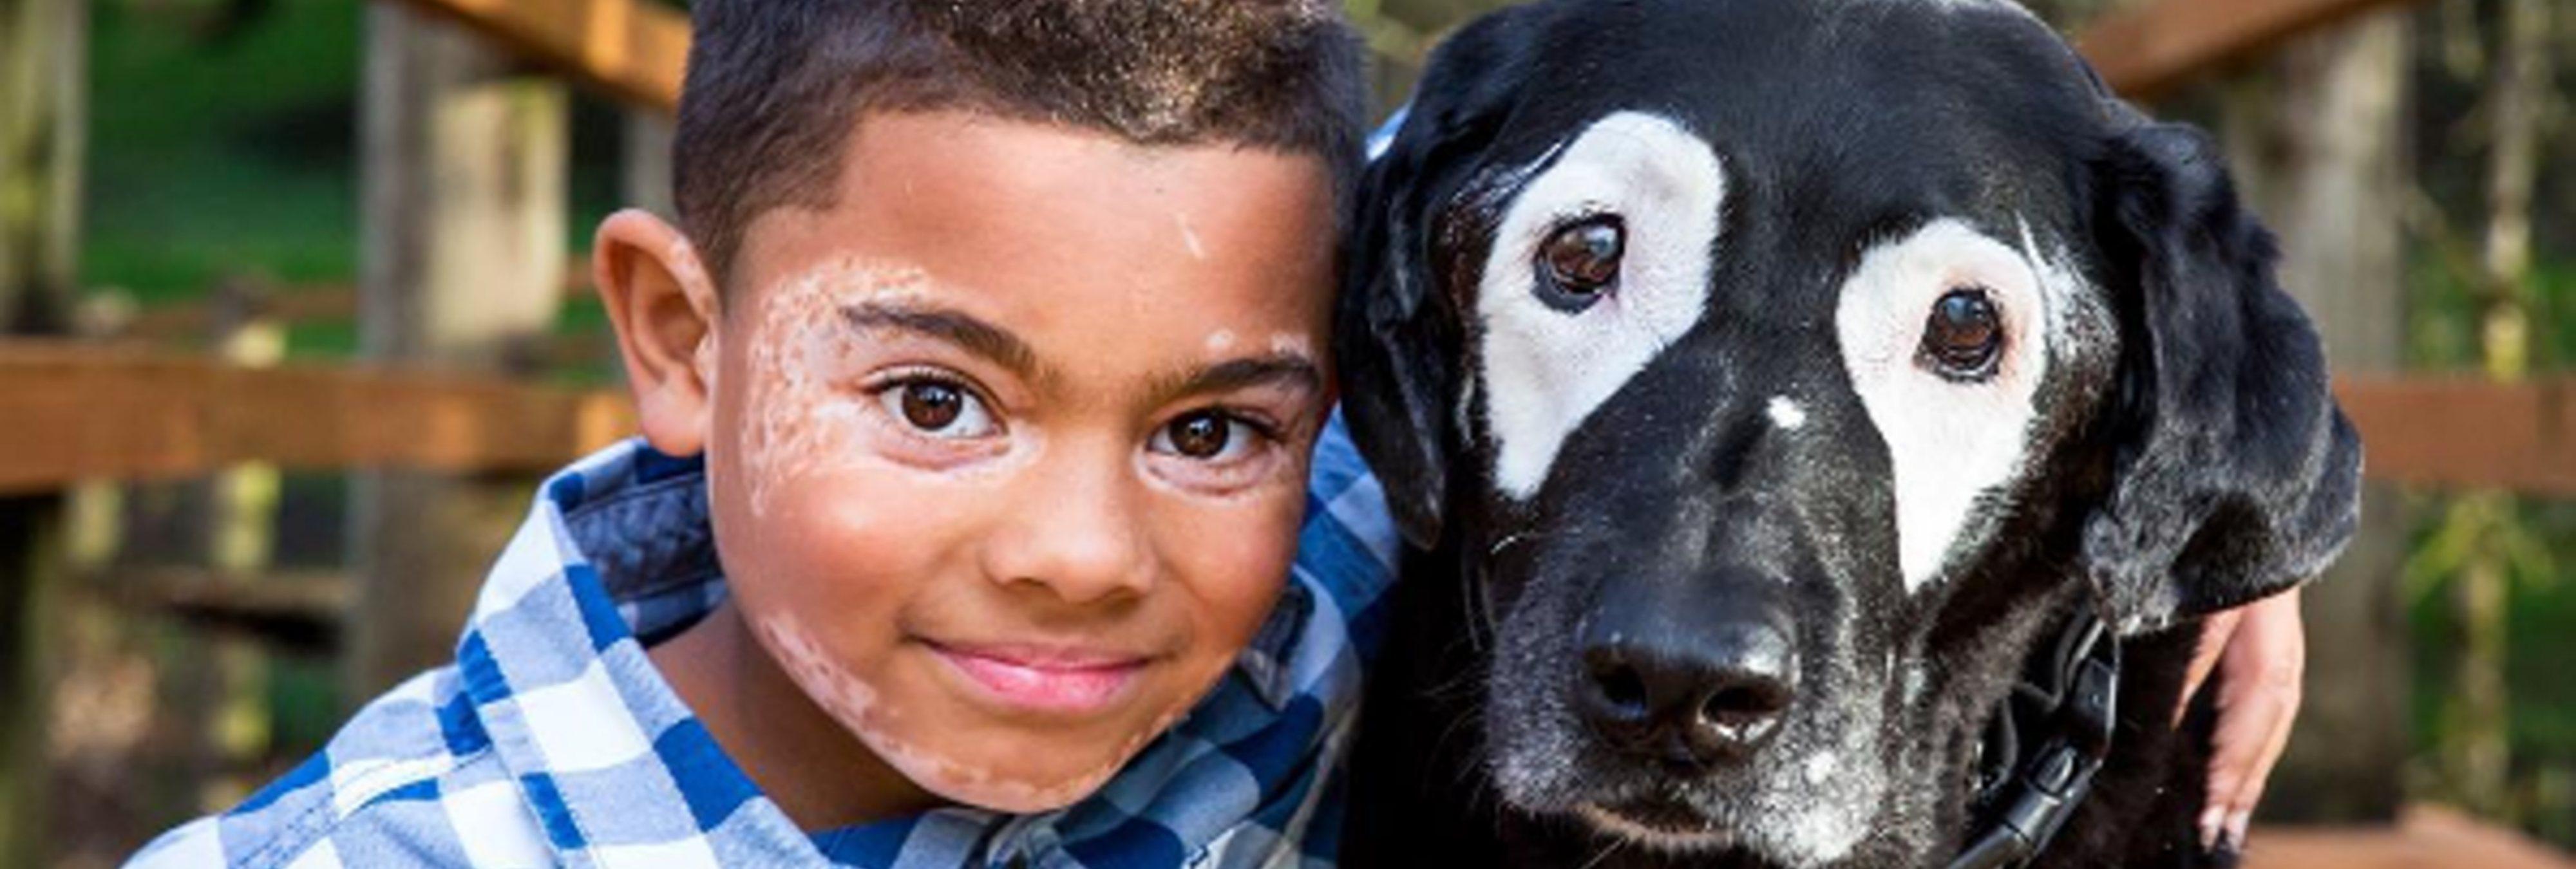 Un niño sale de la depresión tras conocer a un perro con vitiligo, su misma enfermedad